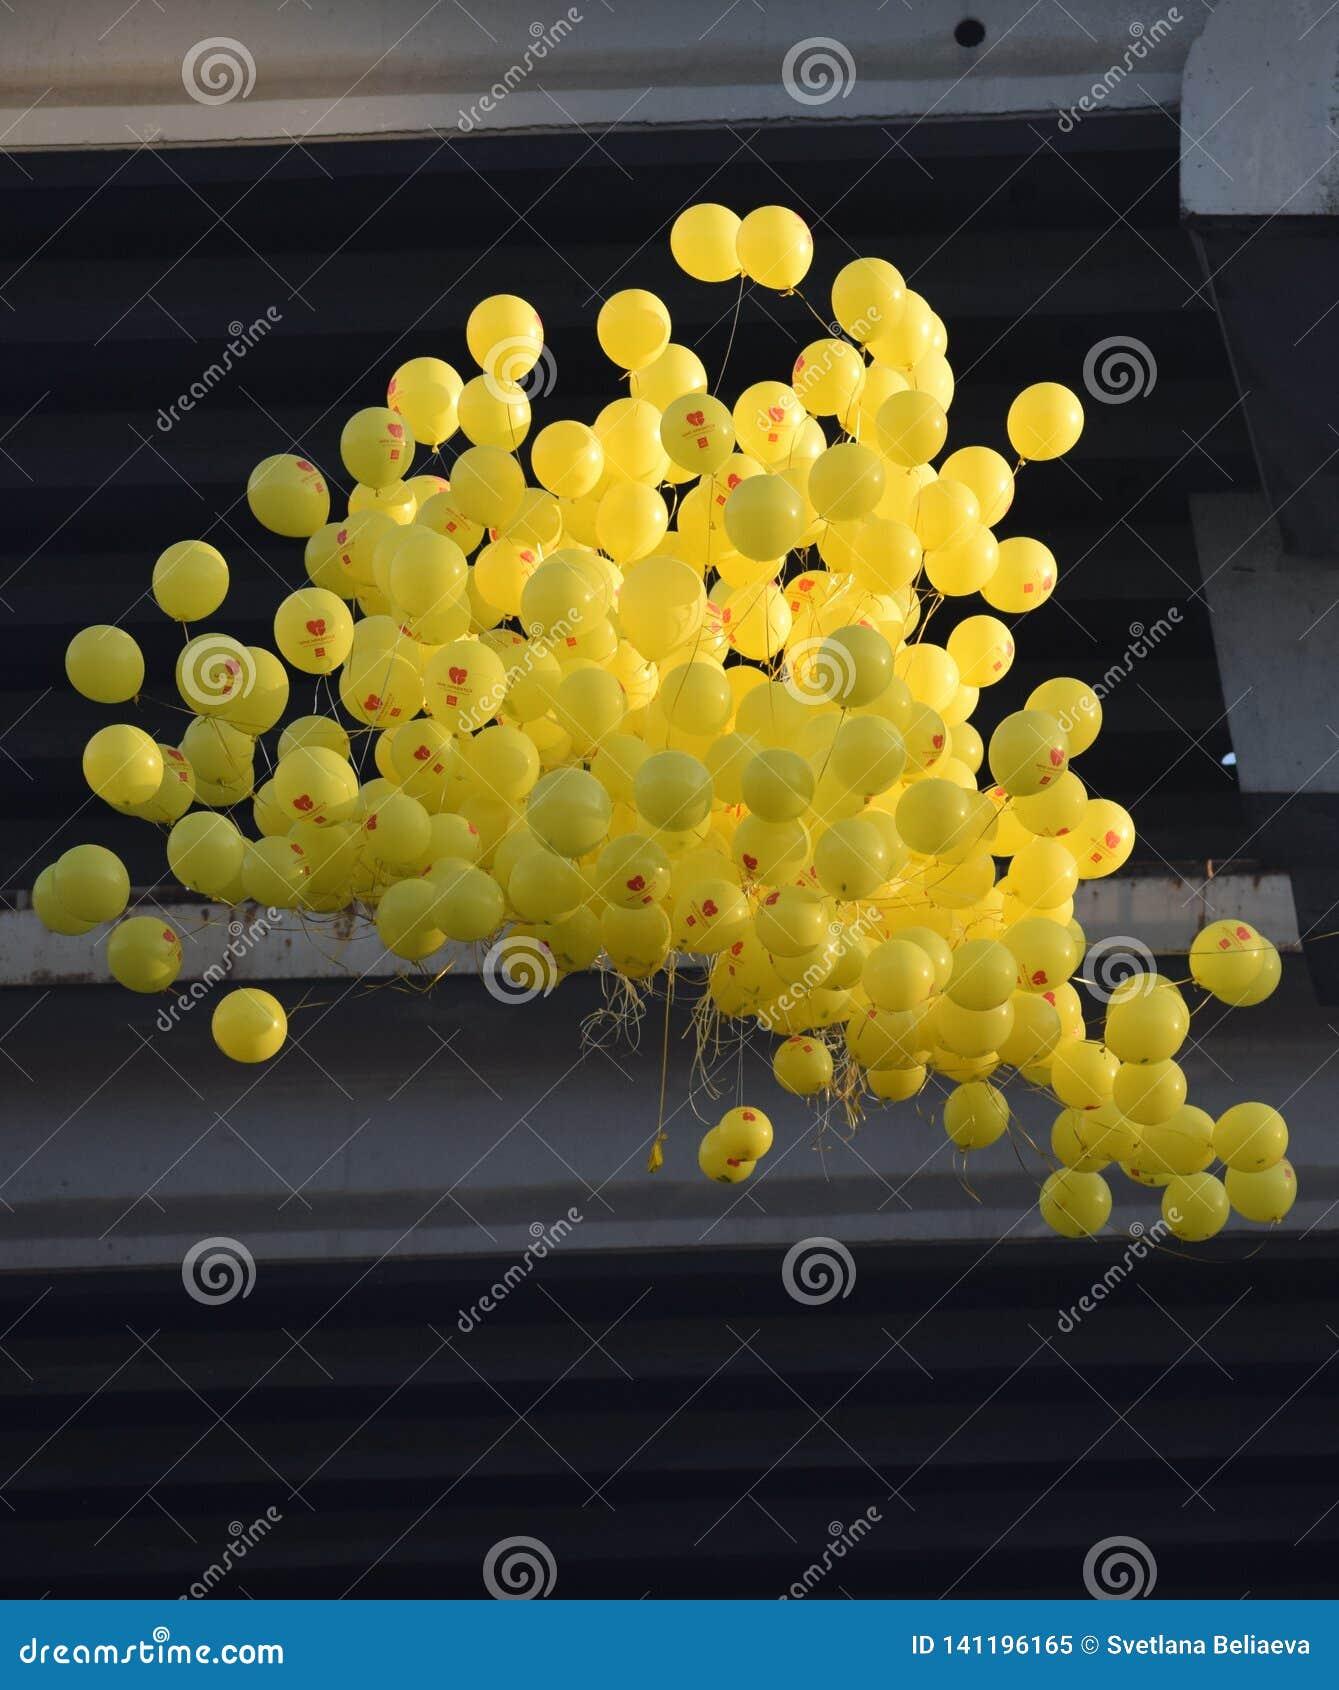 Moln av ballonger på bakgrunden av bron